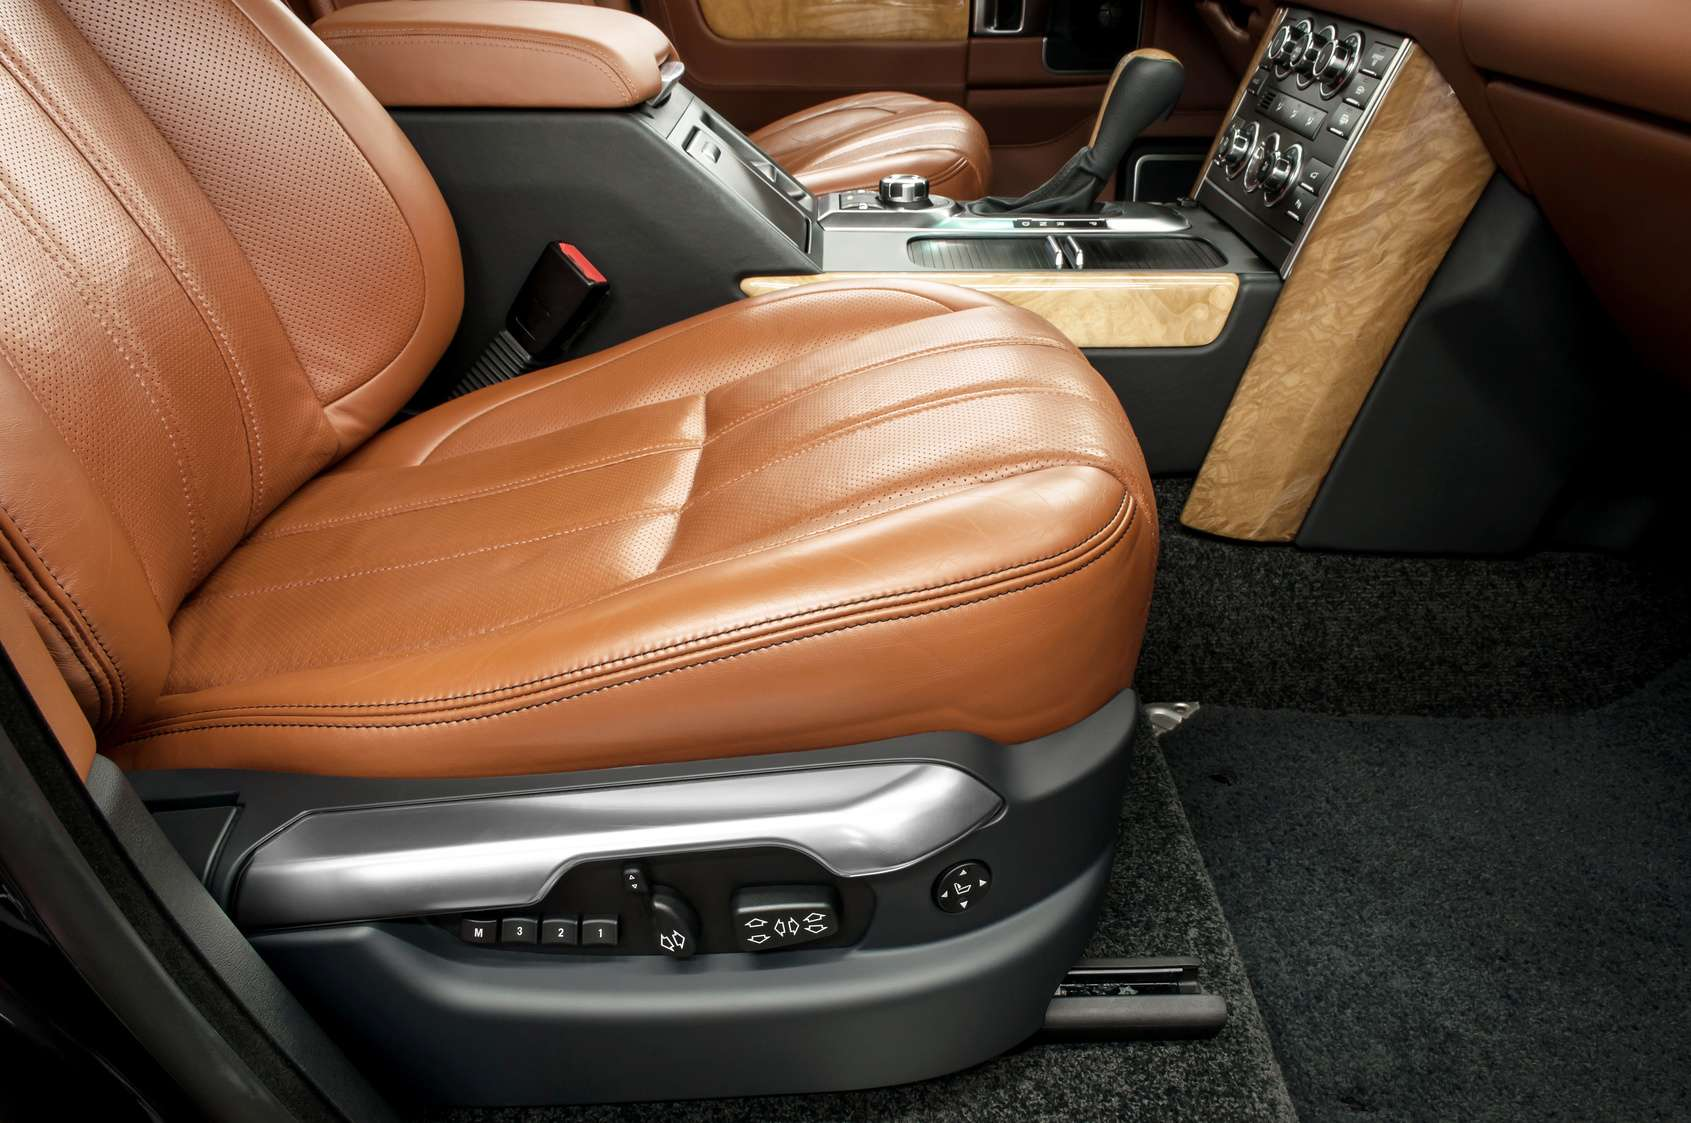 Zadbane wnętrze luksusowego samochodu